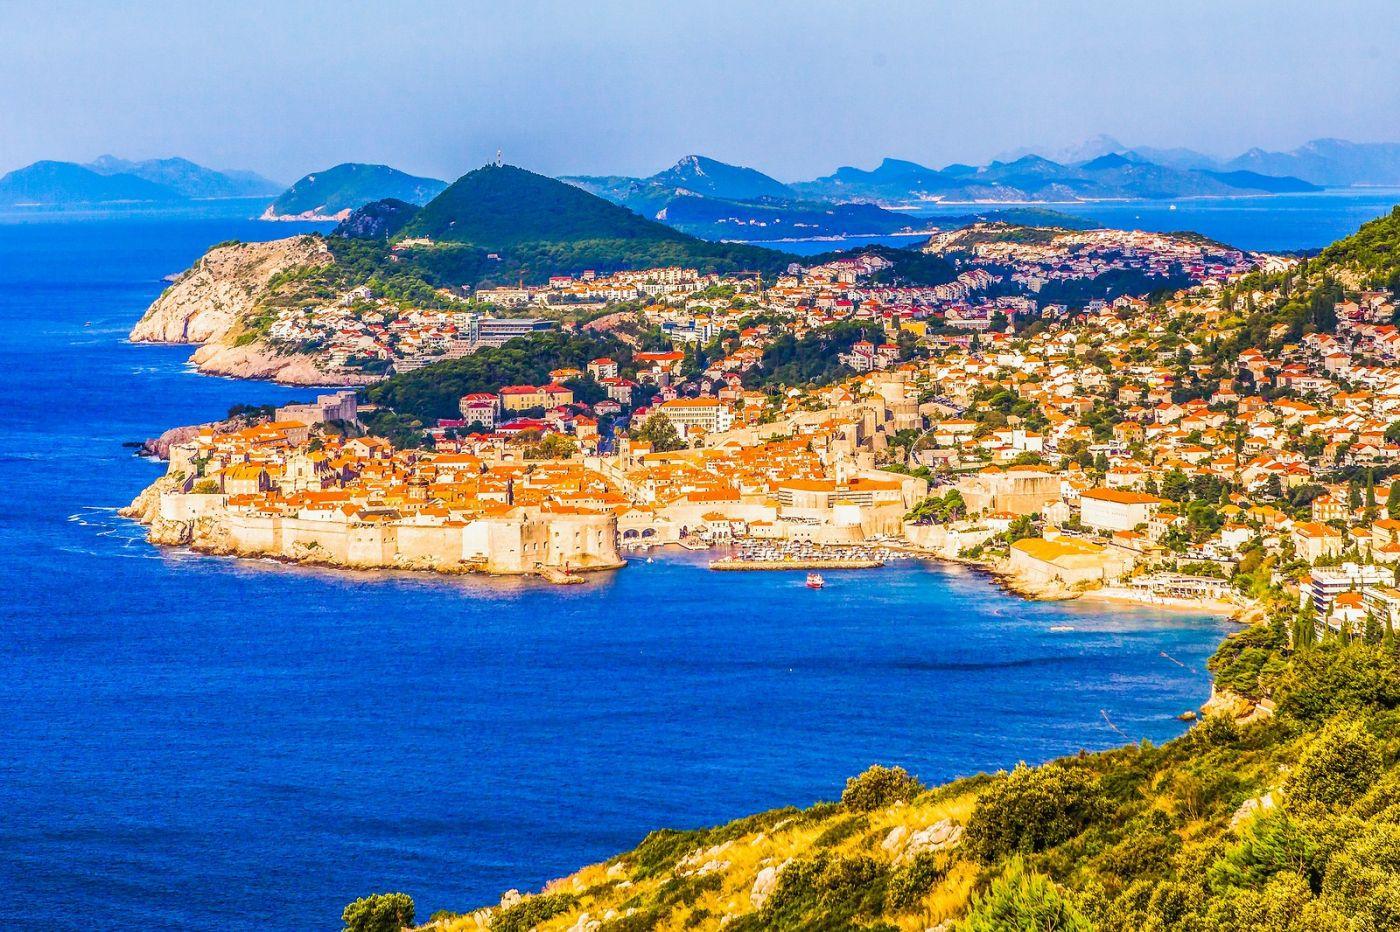 克罗地亚杜布罗夫尼克(Dubrovnik),远眺古城_图1-8